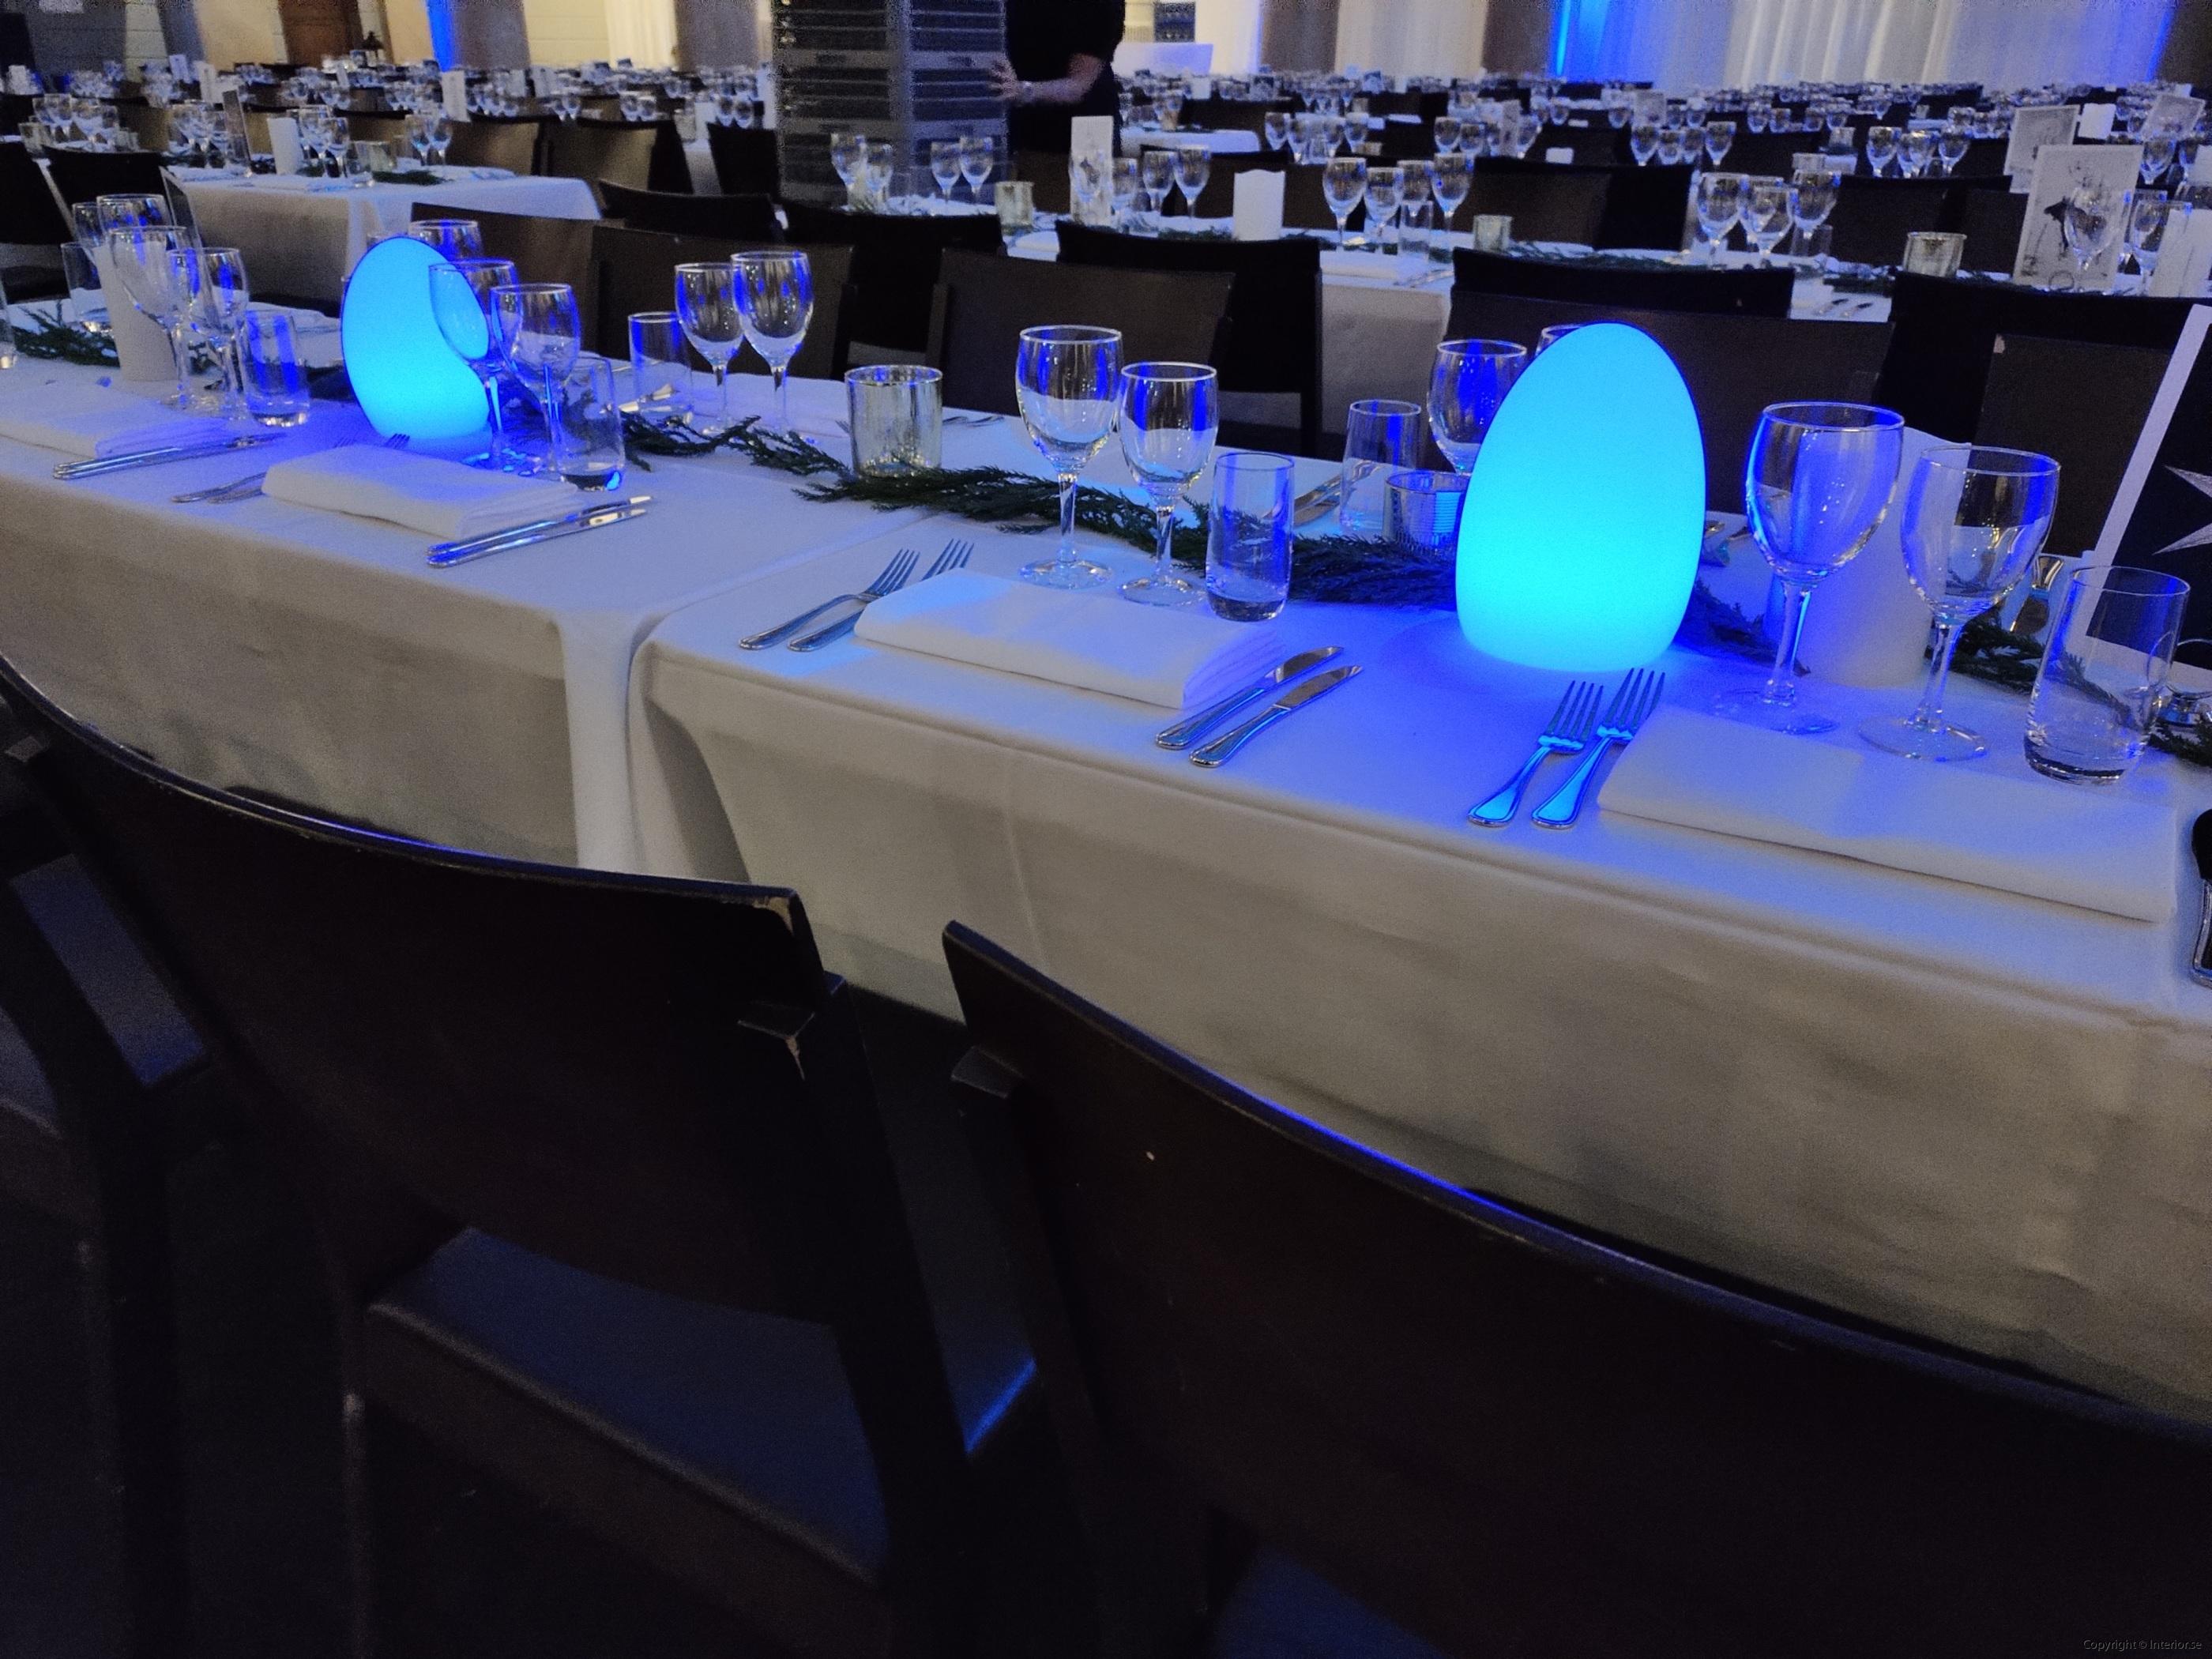 bordslampa LED hyra ljus värmeljus middags lampa event